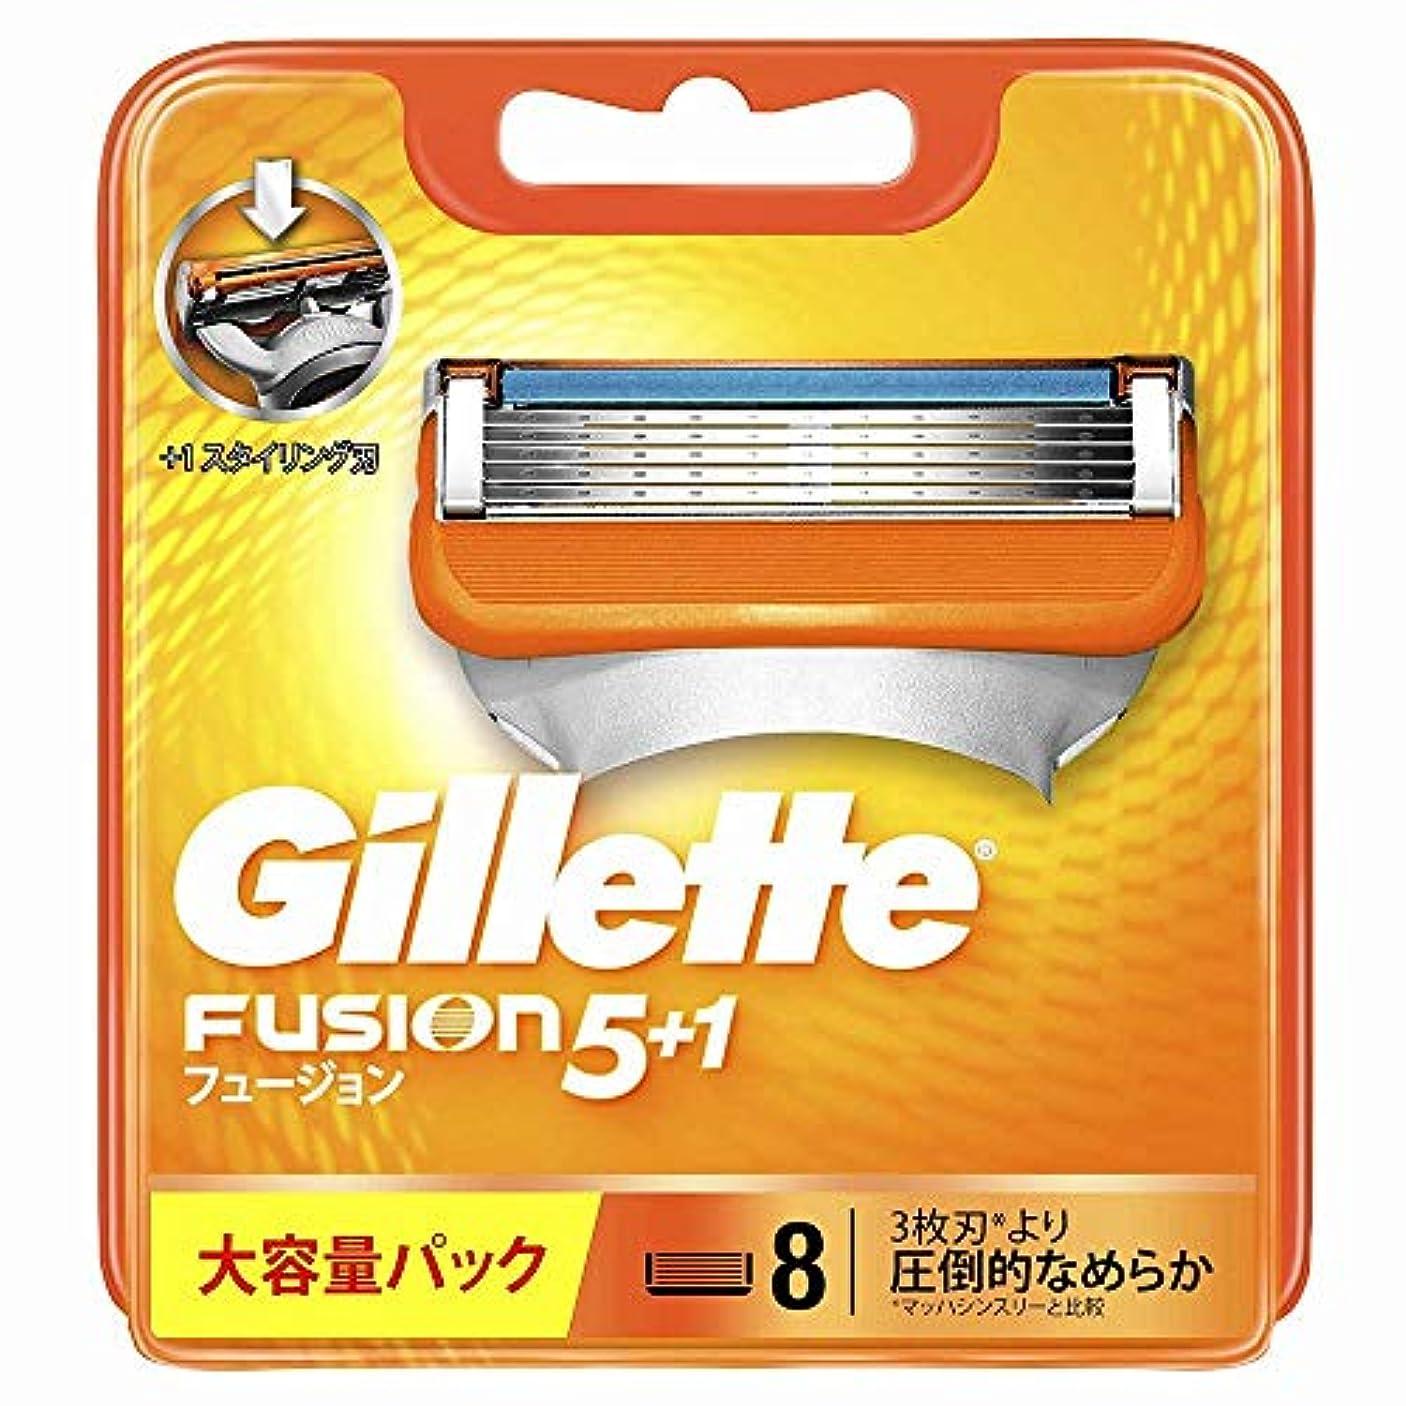 ラッカスめ言葉置き場ジレット 髭剃り フュージョン5+1 替刃8個入